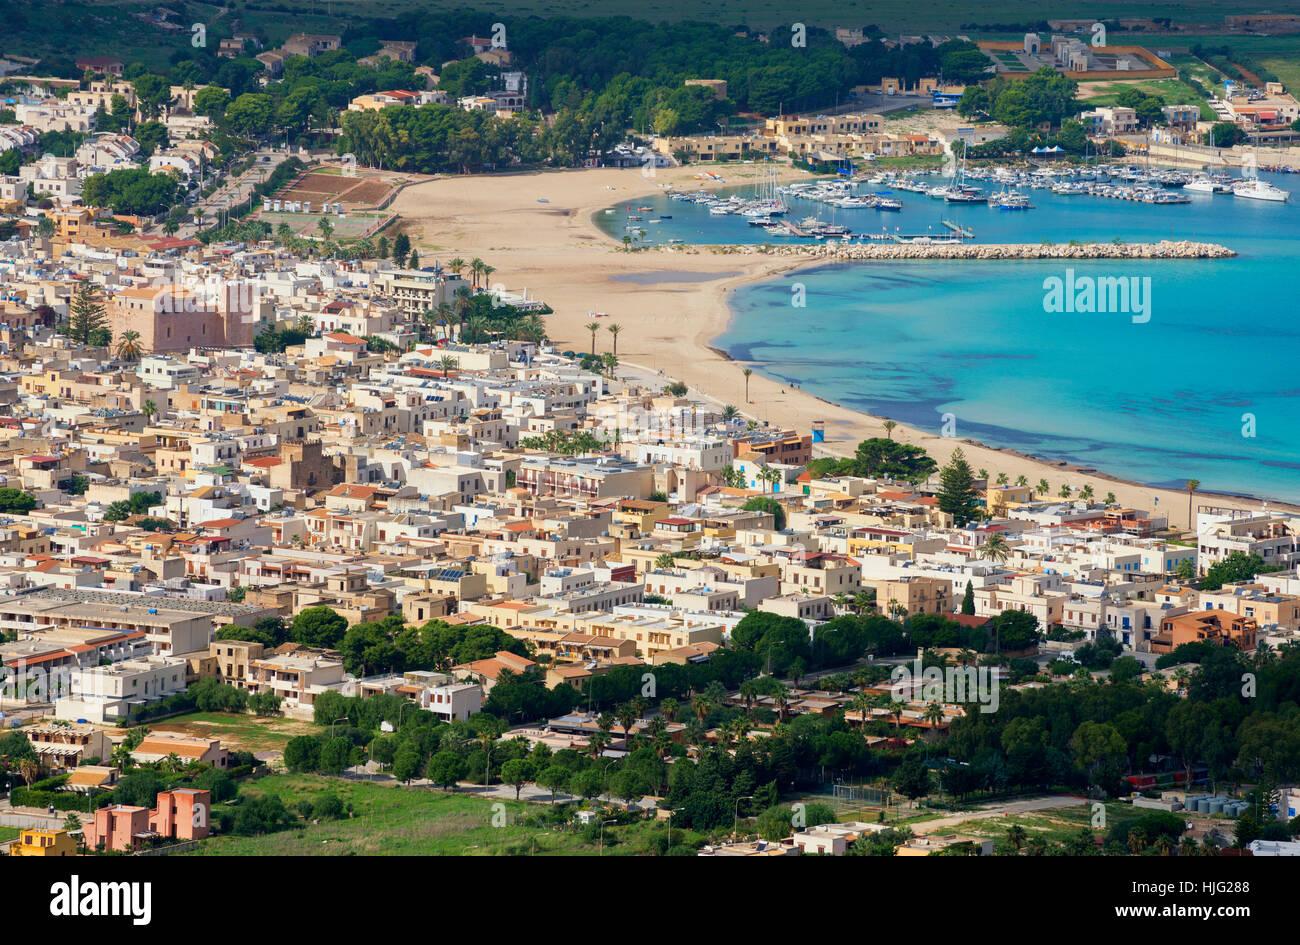 San Vito lo Capo, Luftaufnahme, Sizilien, Italien Stockfoto